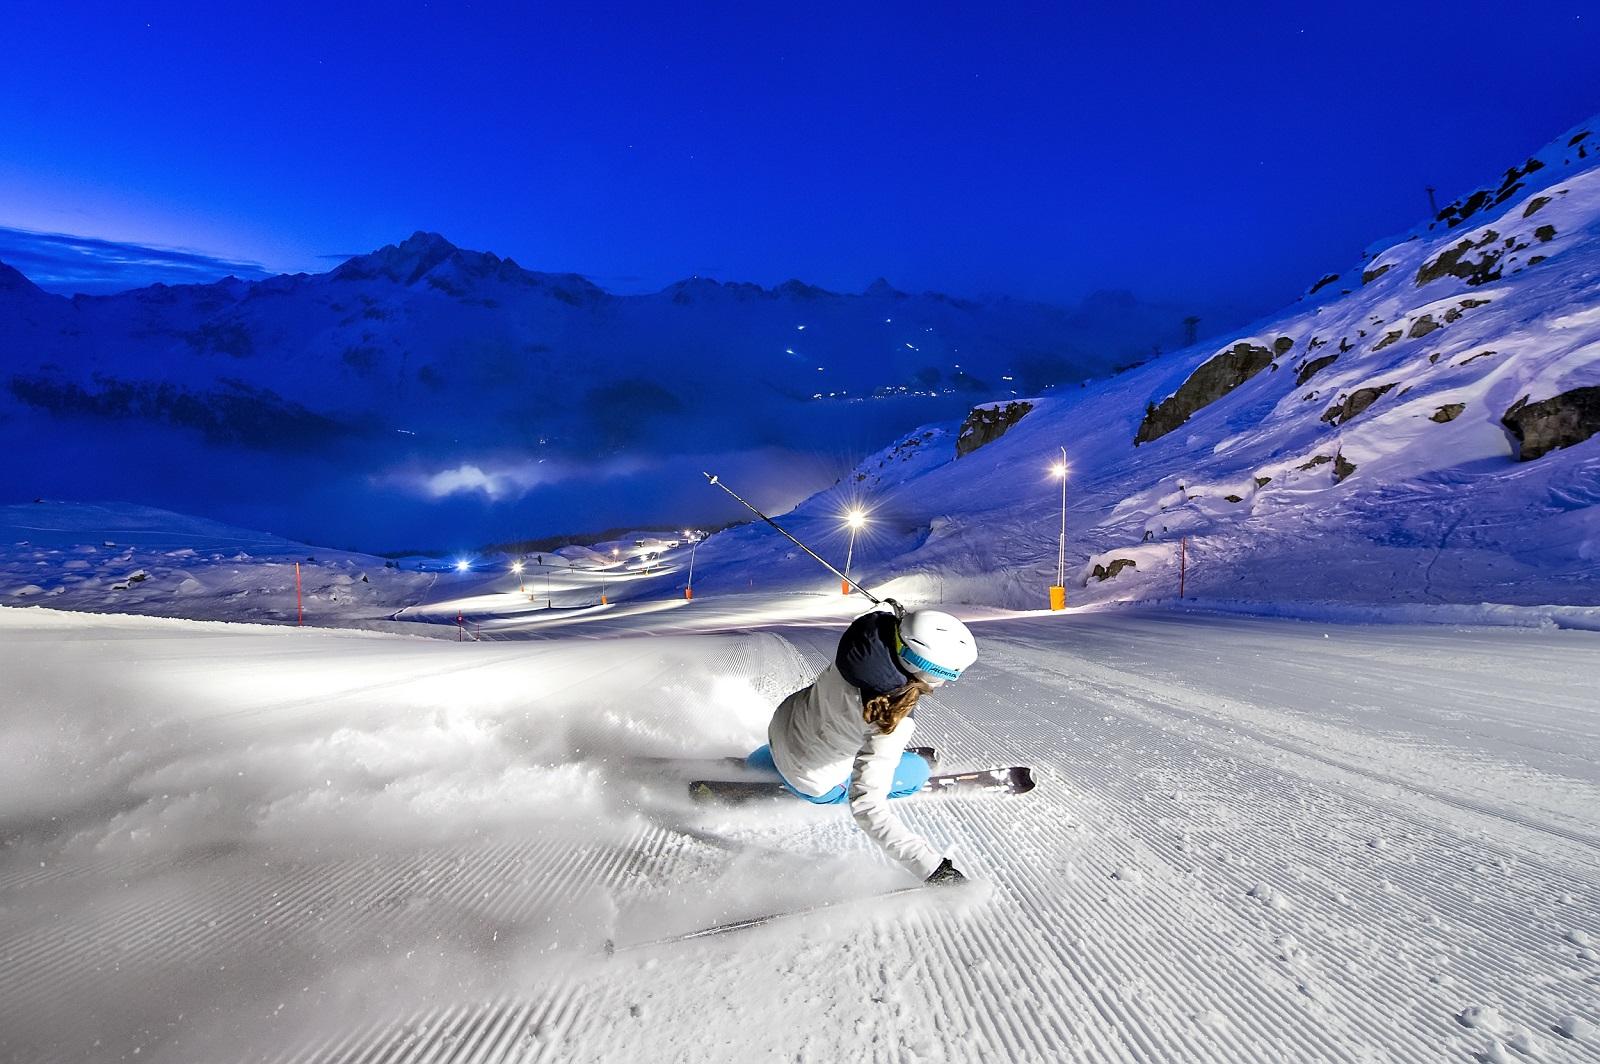 4 MARZO - Cena + skipass notturno + bus da Lombardia per St.Moritz a soli 49 euro